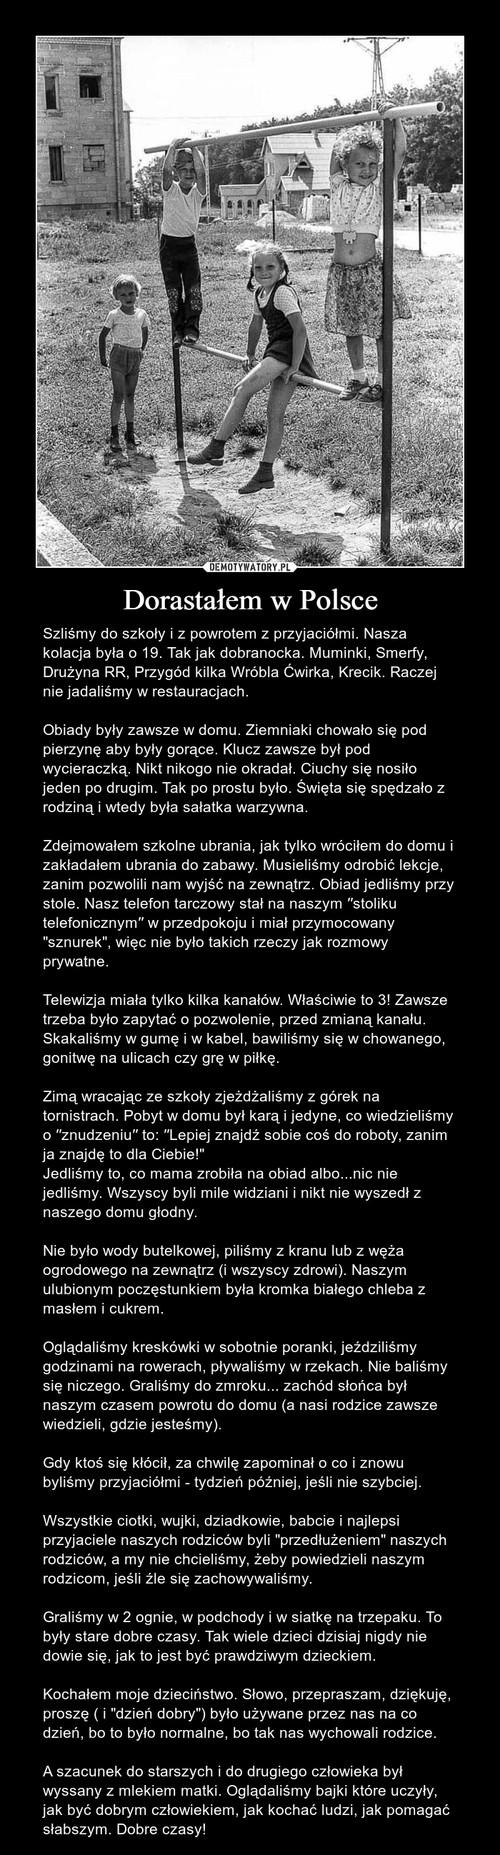 Dorastałem w Polsce